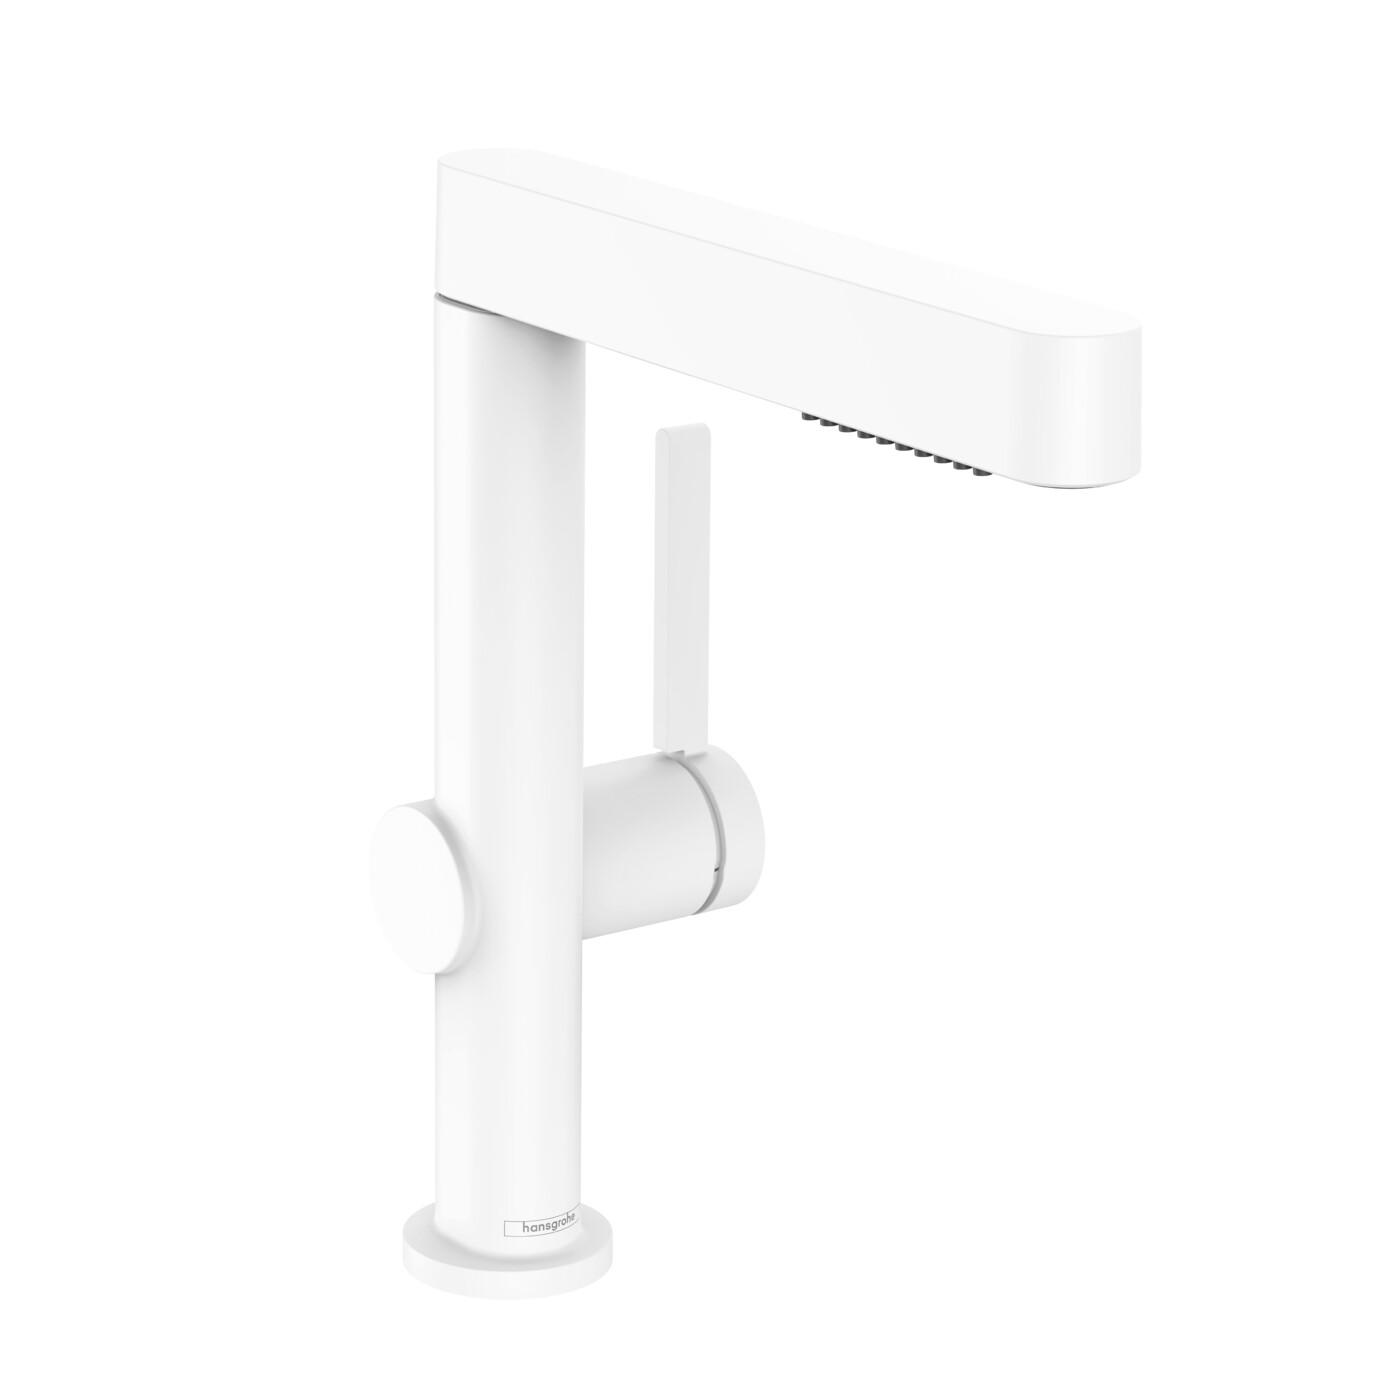 Mitigeur de lavabo Hansgrohe Finoris 230 avec douchette extractible 2 jets et bonde Push-open en blanc mat